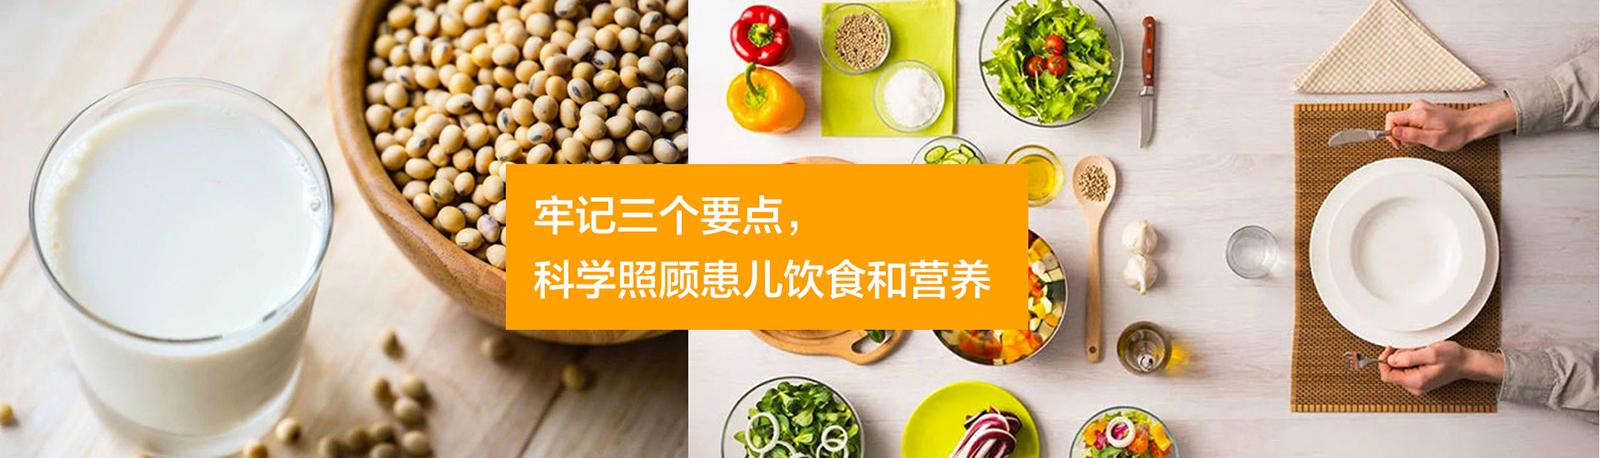 充足的蛋白质,颜色丰富的蔬菜水果